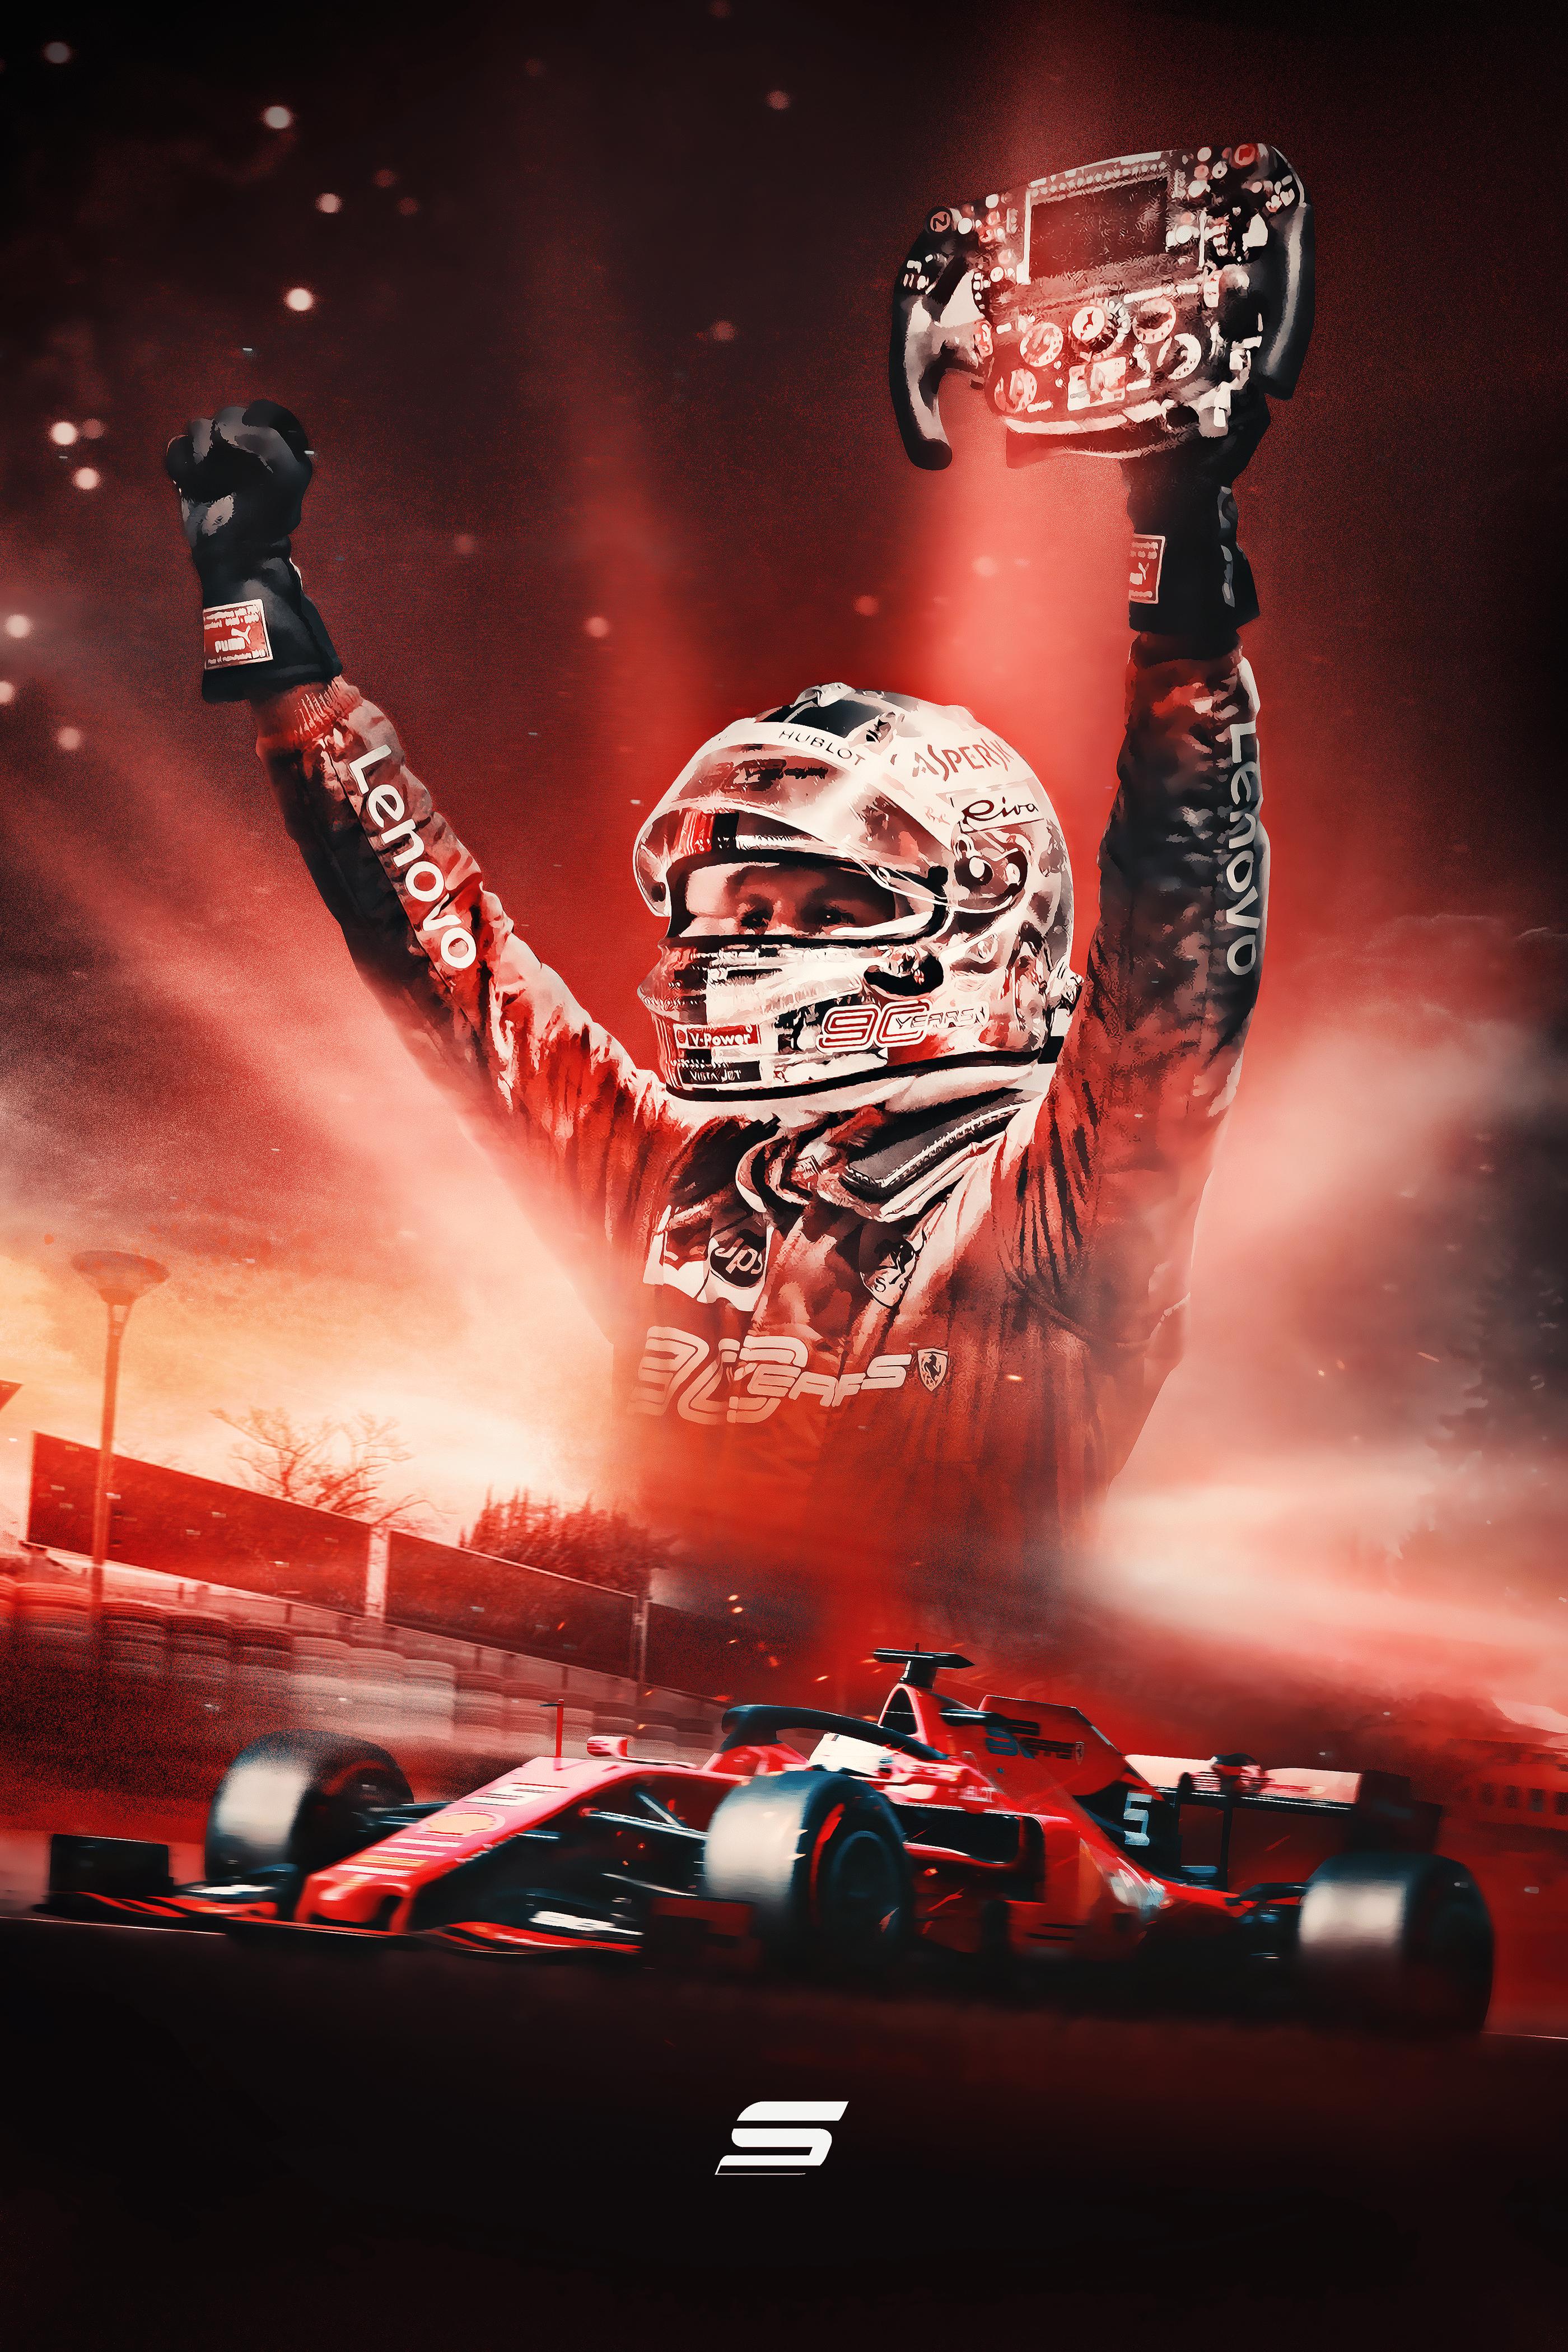 Sebastian Vettel Wallpaper Posted By Zoey Cunningham